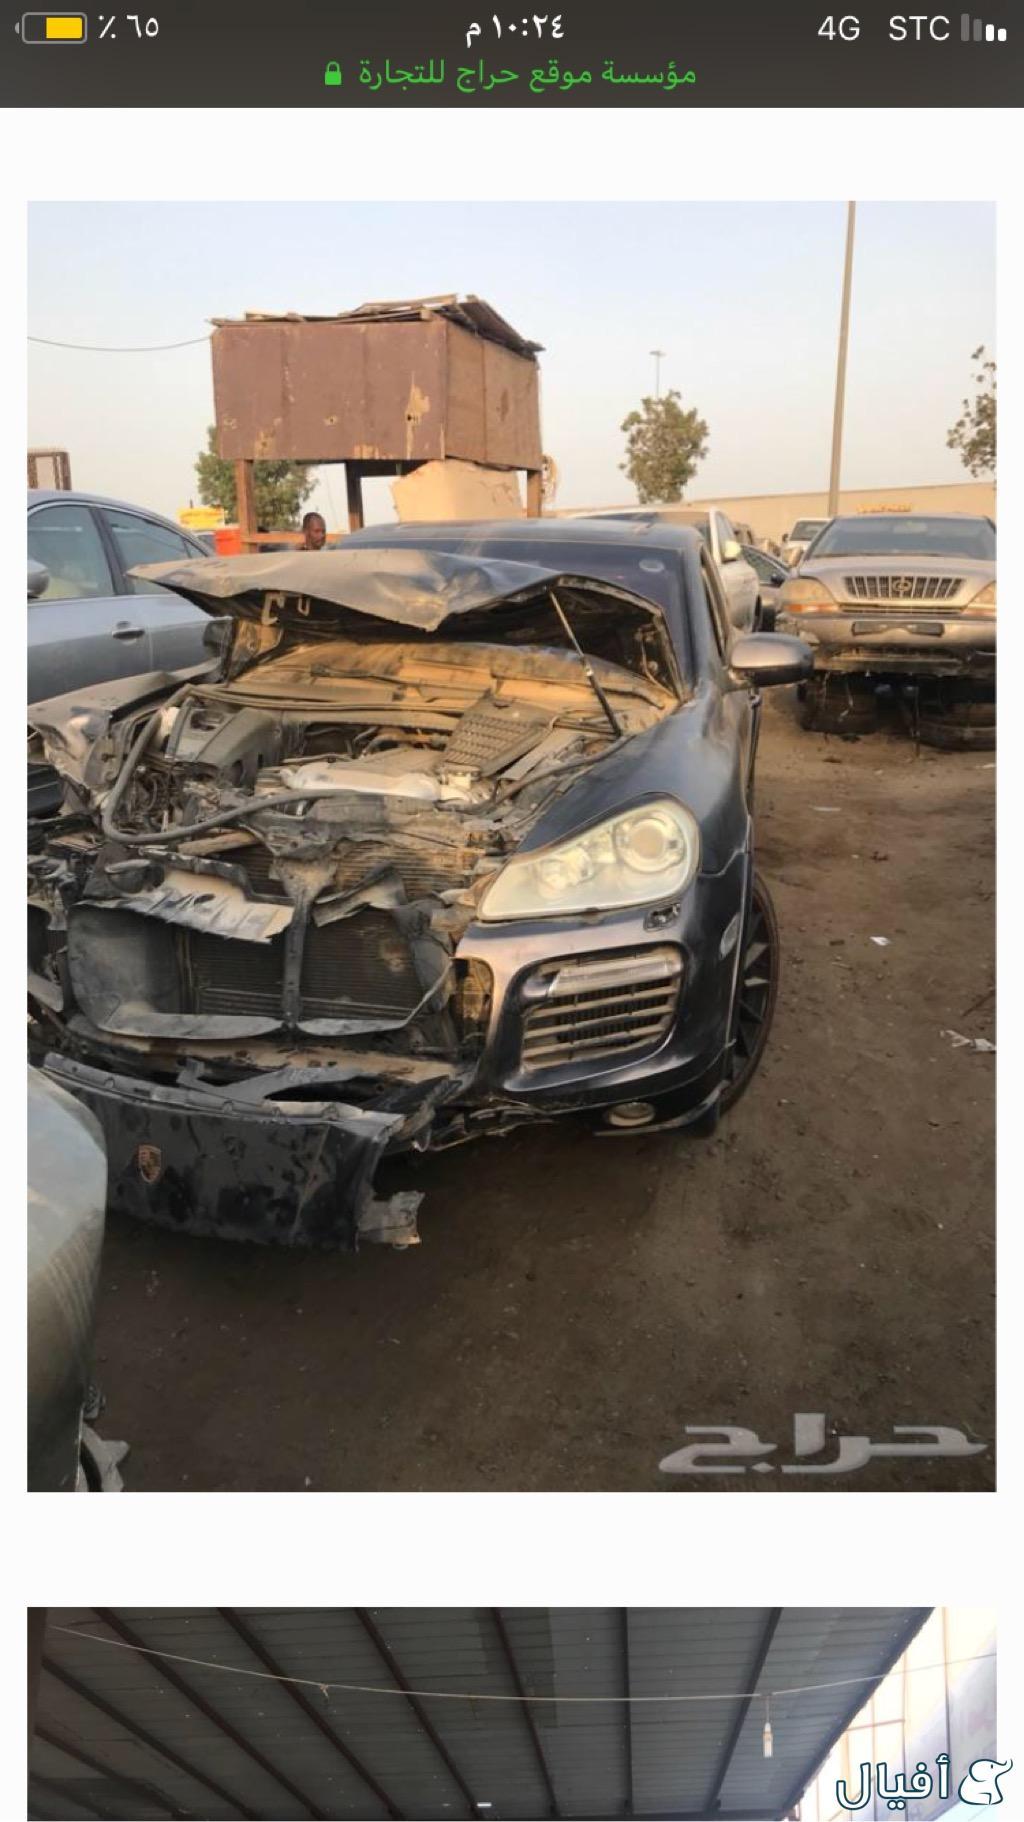 تشليح بن راشد لقطع غيار جميع السيارات